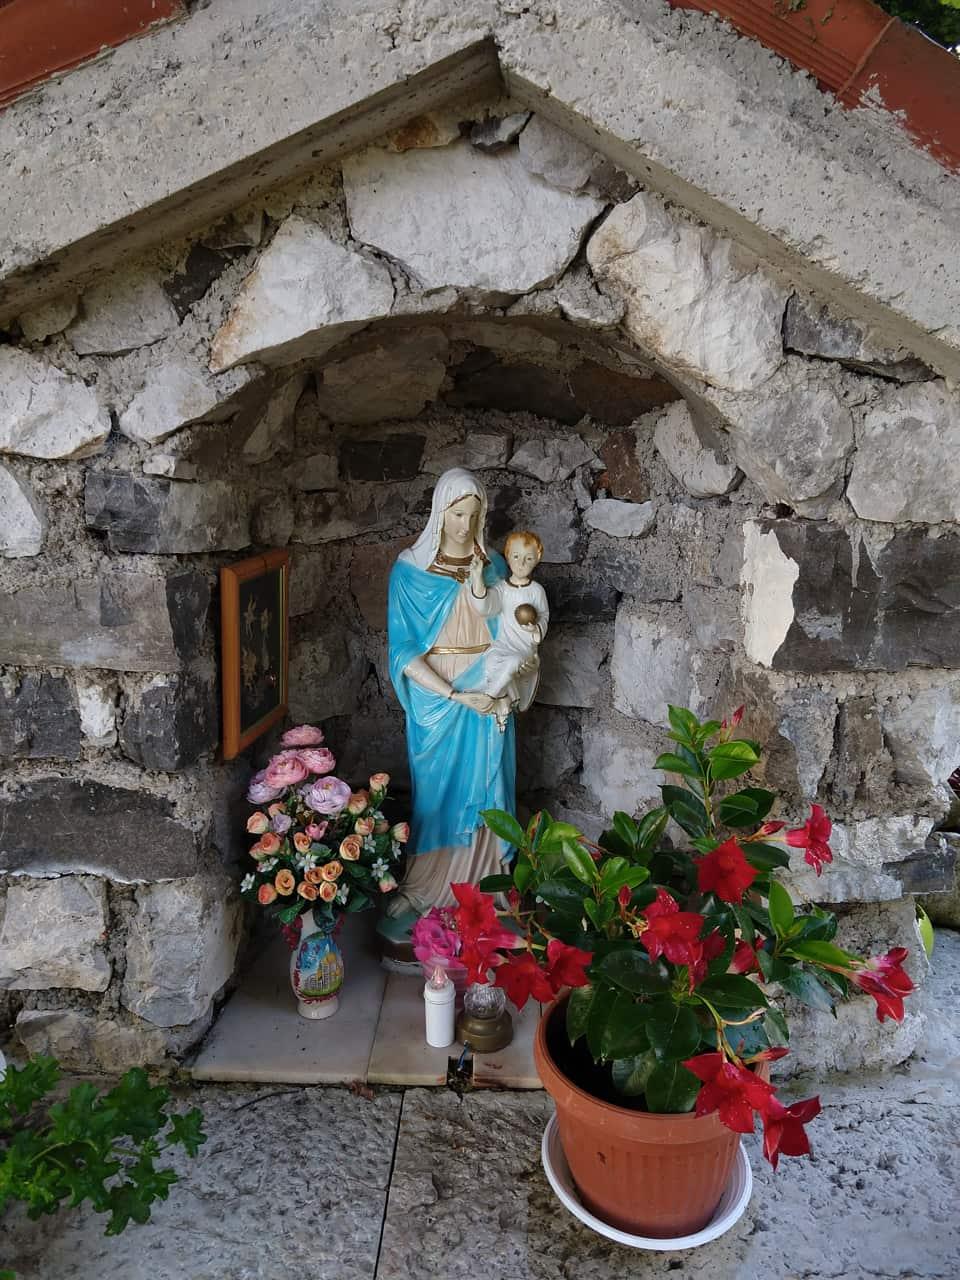 Ecco la Madonna della Cisa che ogni anno viene visitata dai fedeli di Lodrino